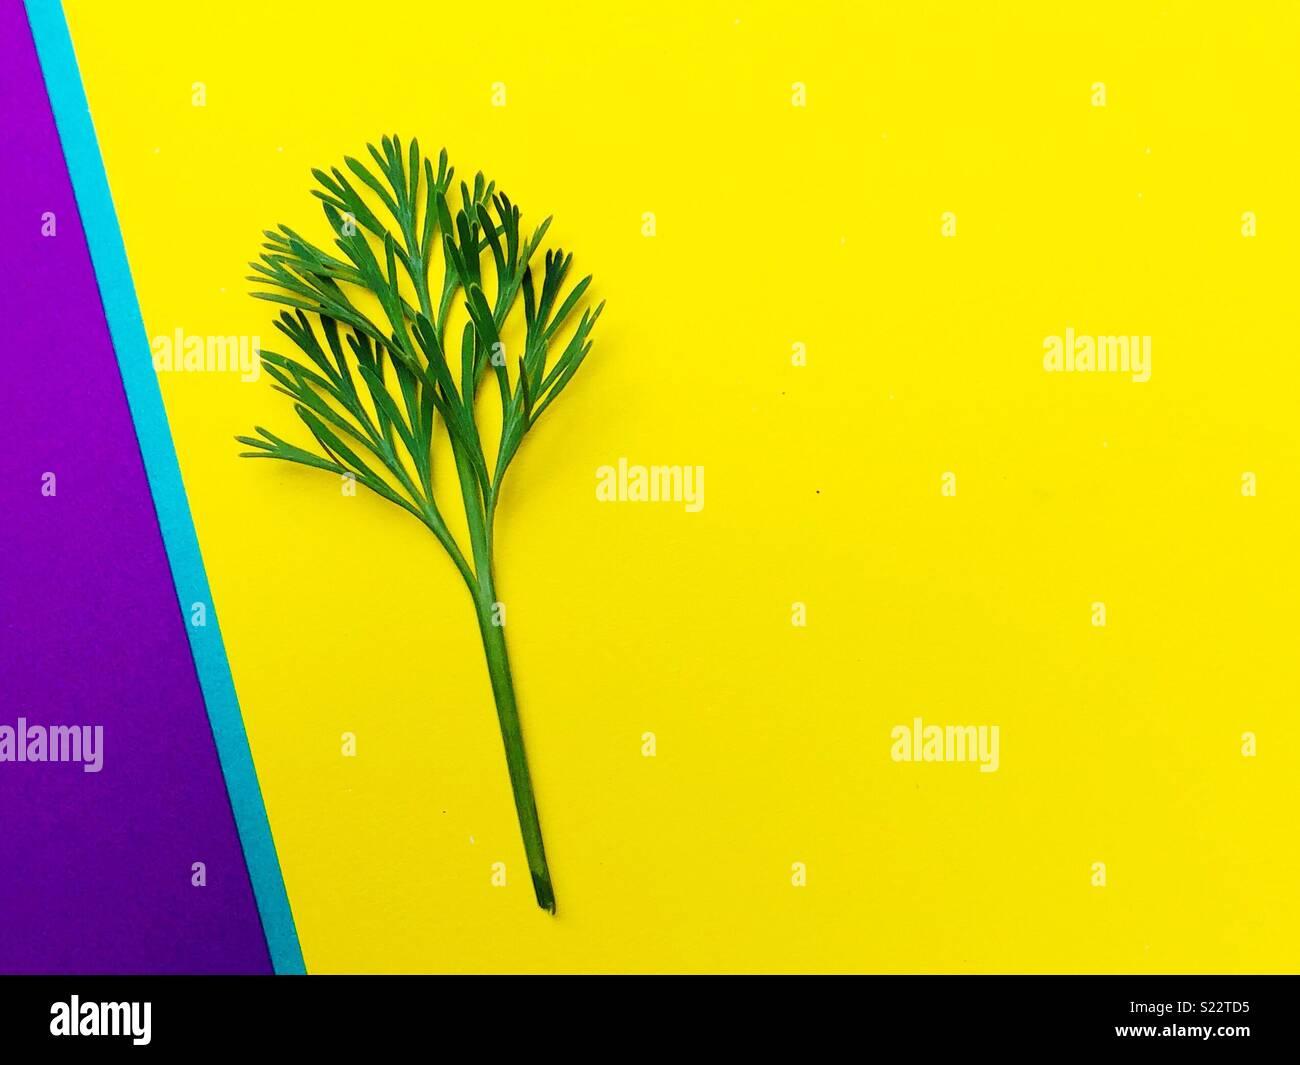 Ein Blatt auf einem gelben und violetten Hintergrund Stockbild